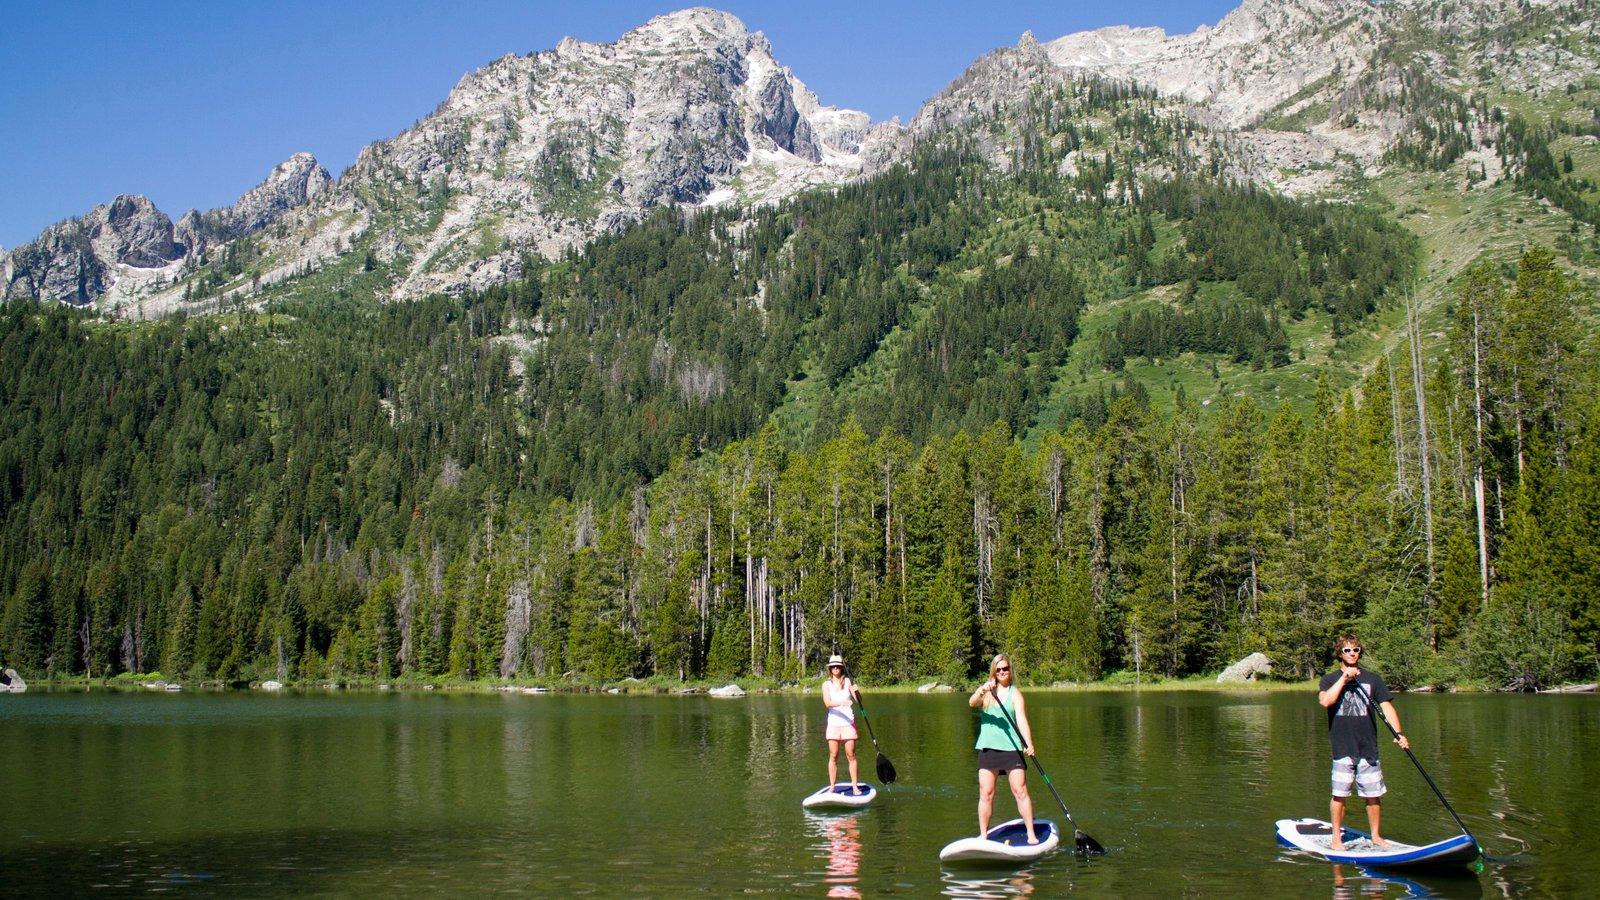 Jackson Hole Mountain Resort que inclui montanhas, esportes aquáticos e florestas